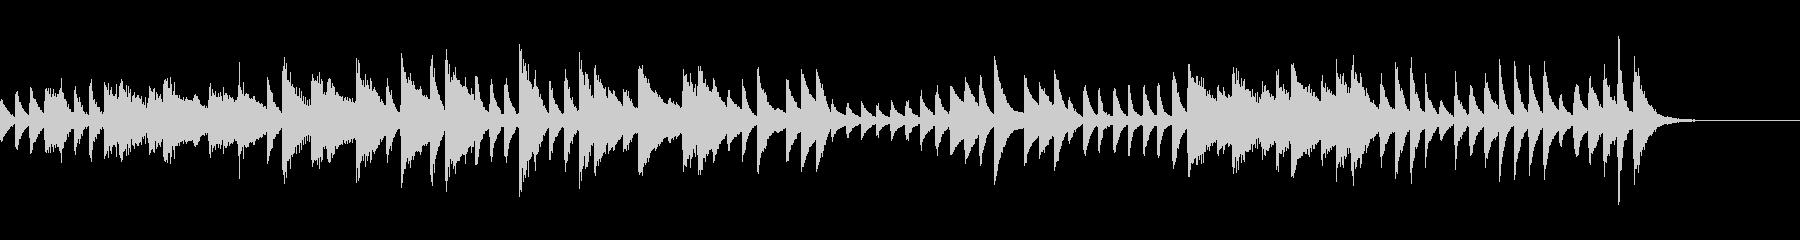 時計の音をイメージしたピアノジングルの未再生の波形